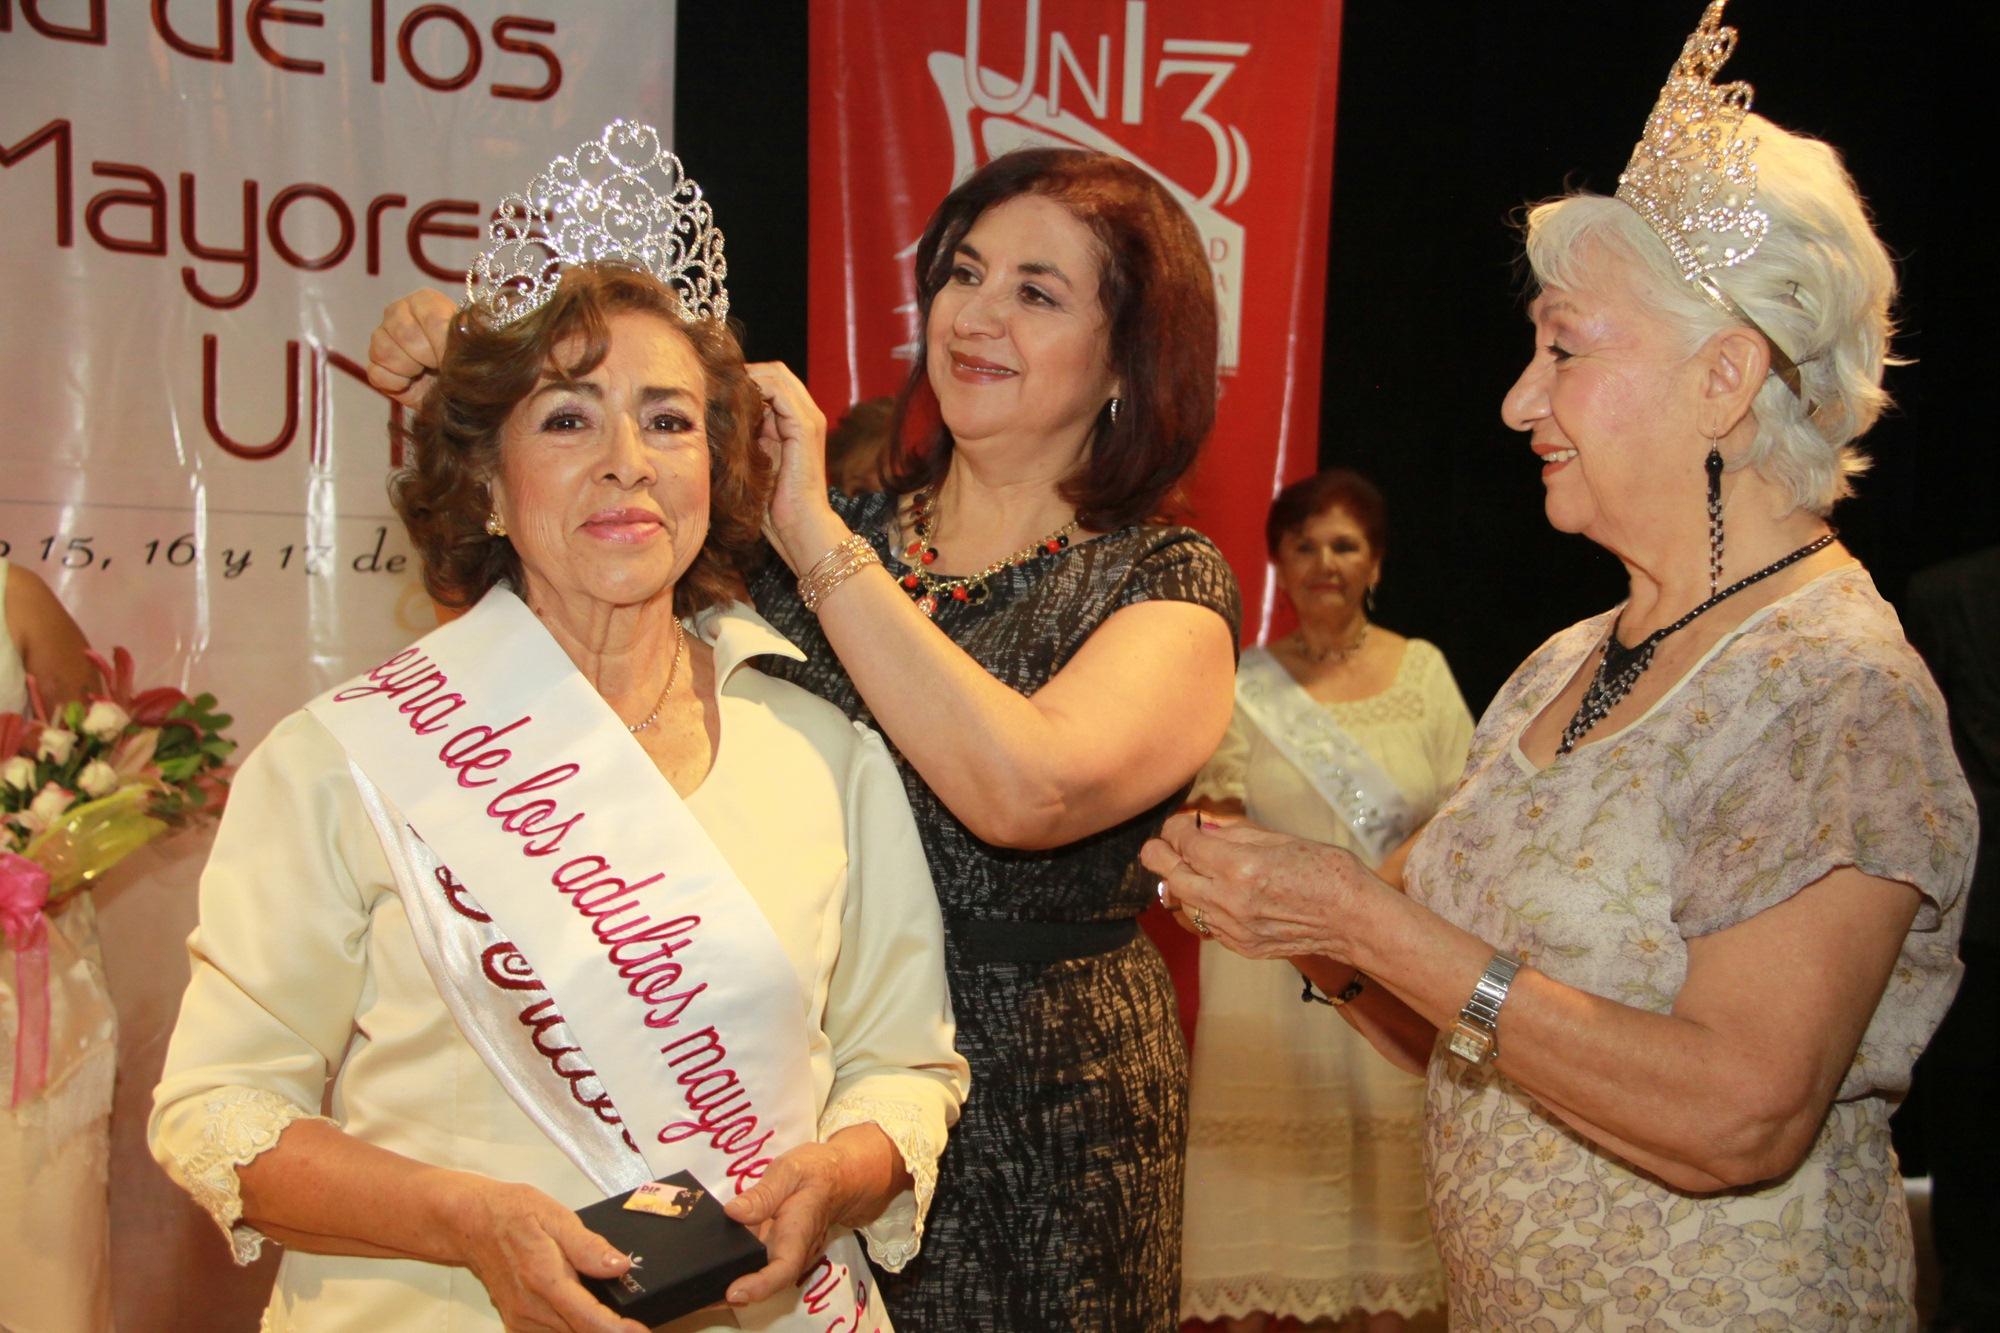 Eligen a Reina de la Tercera Edad UNI 3, 2013